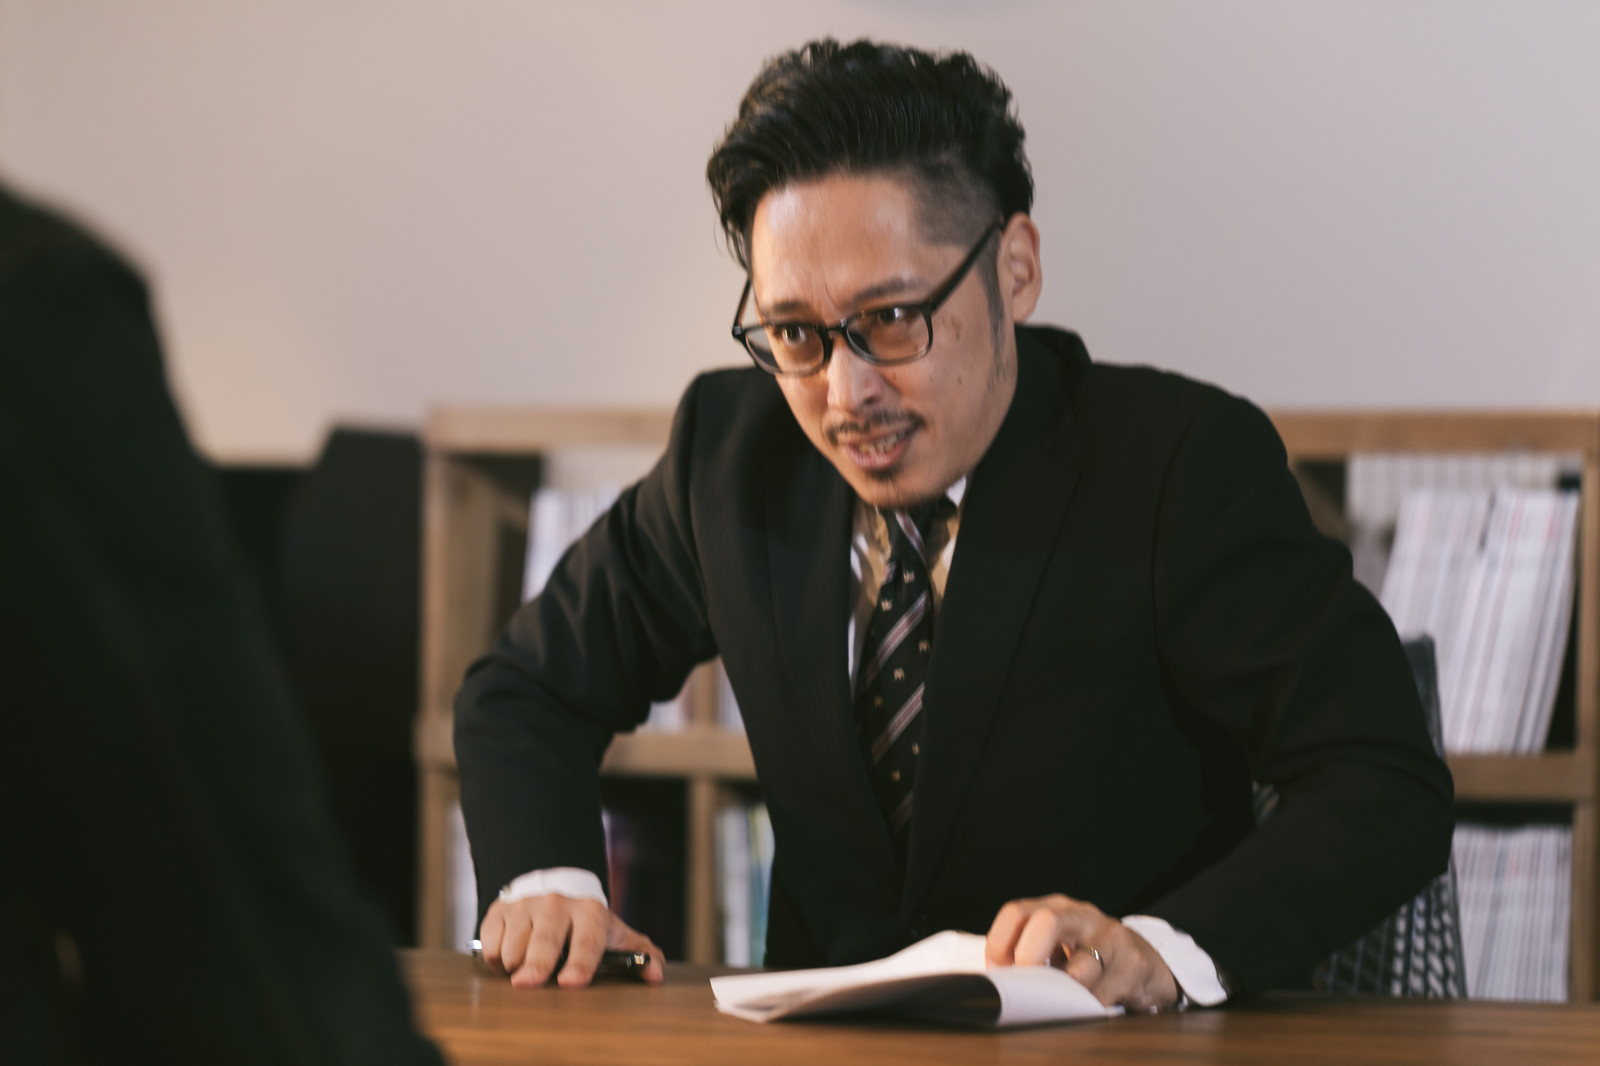 退職時の文句や嫌味、引き延ばしのや保留の打診を気にしてはだめ。辞めるとなったら辞める。